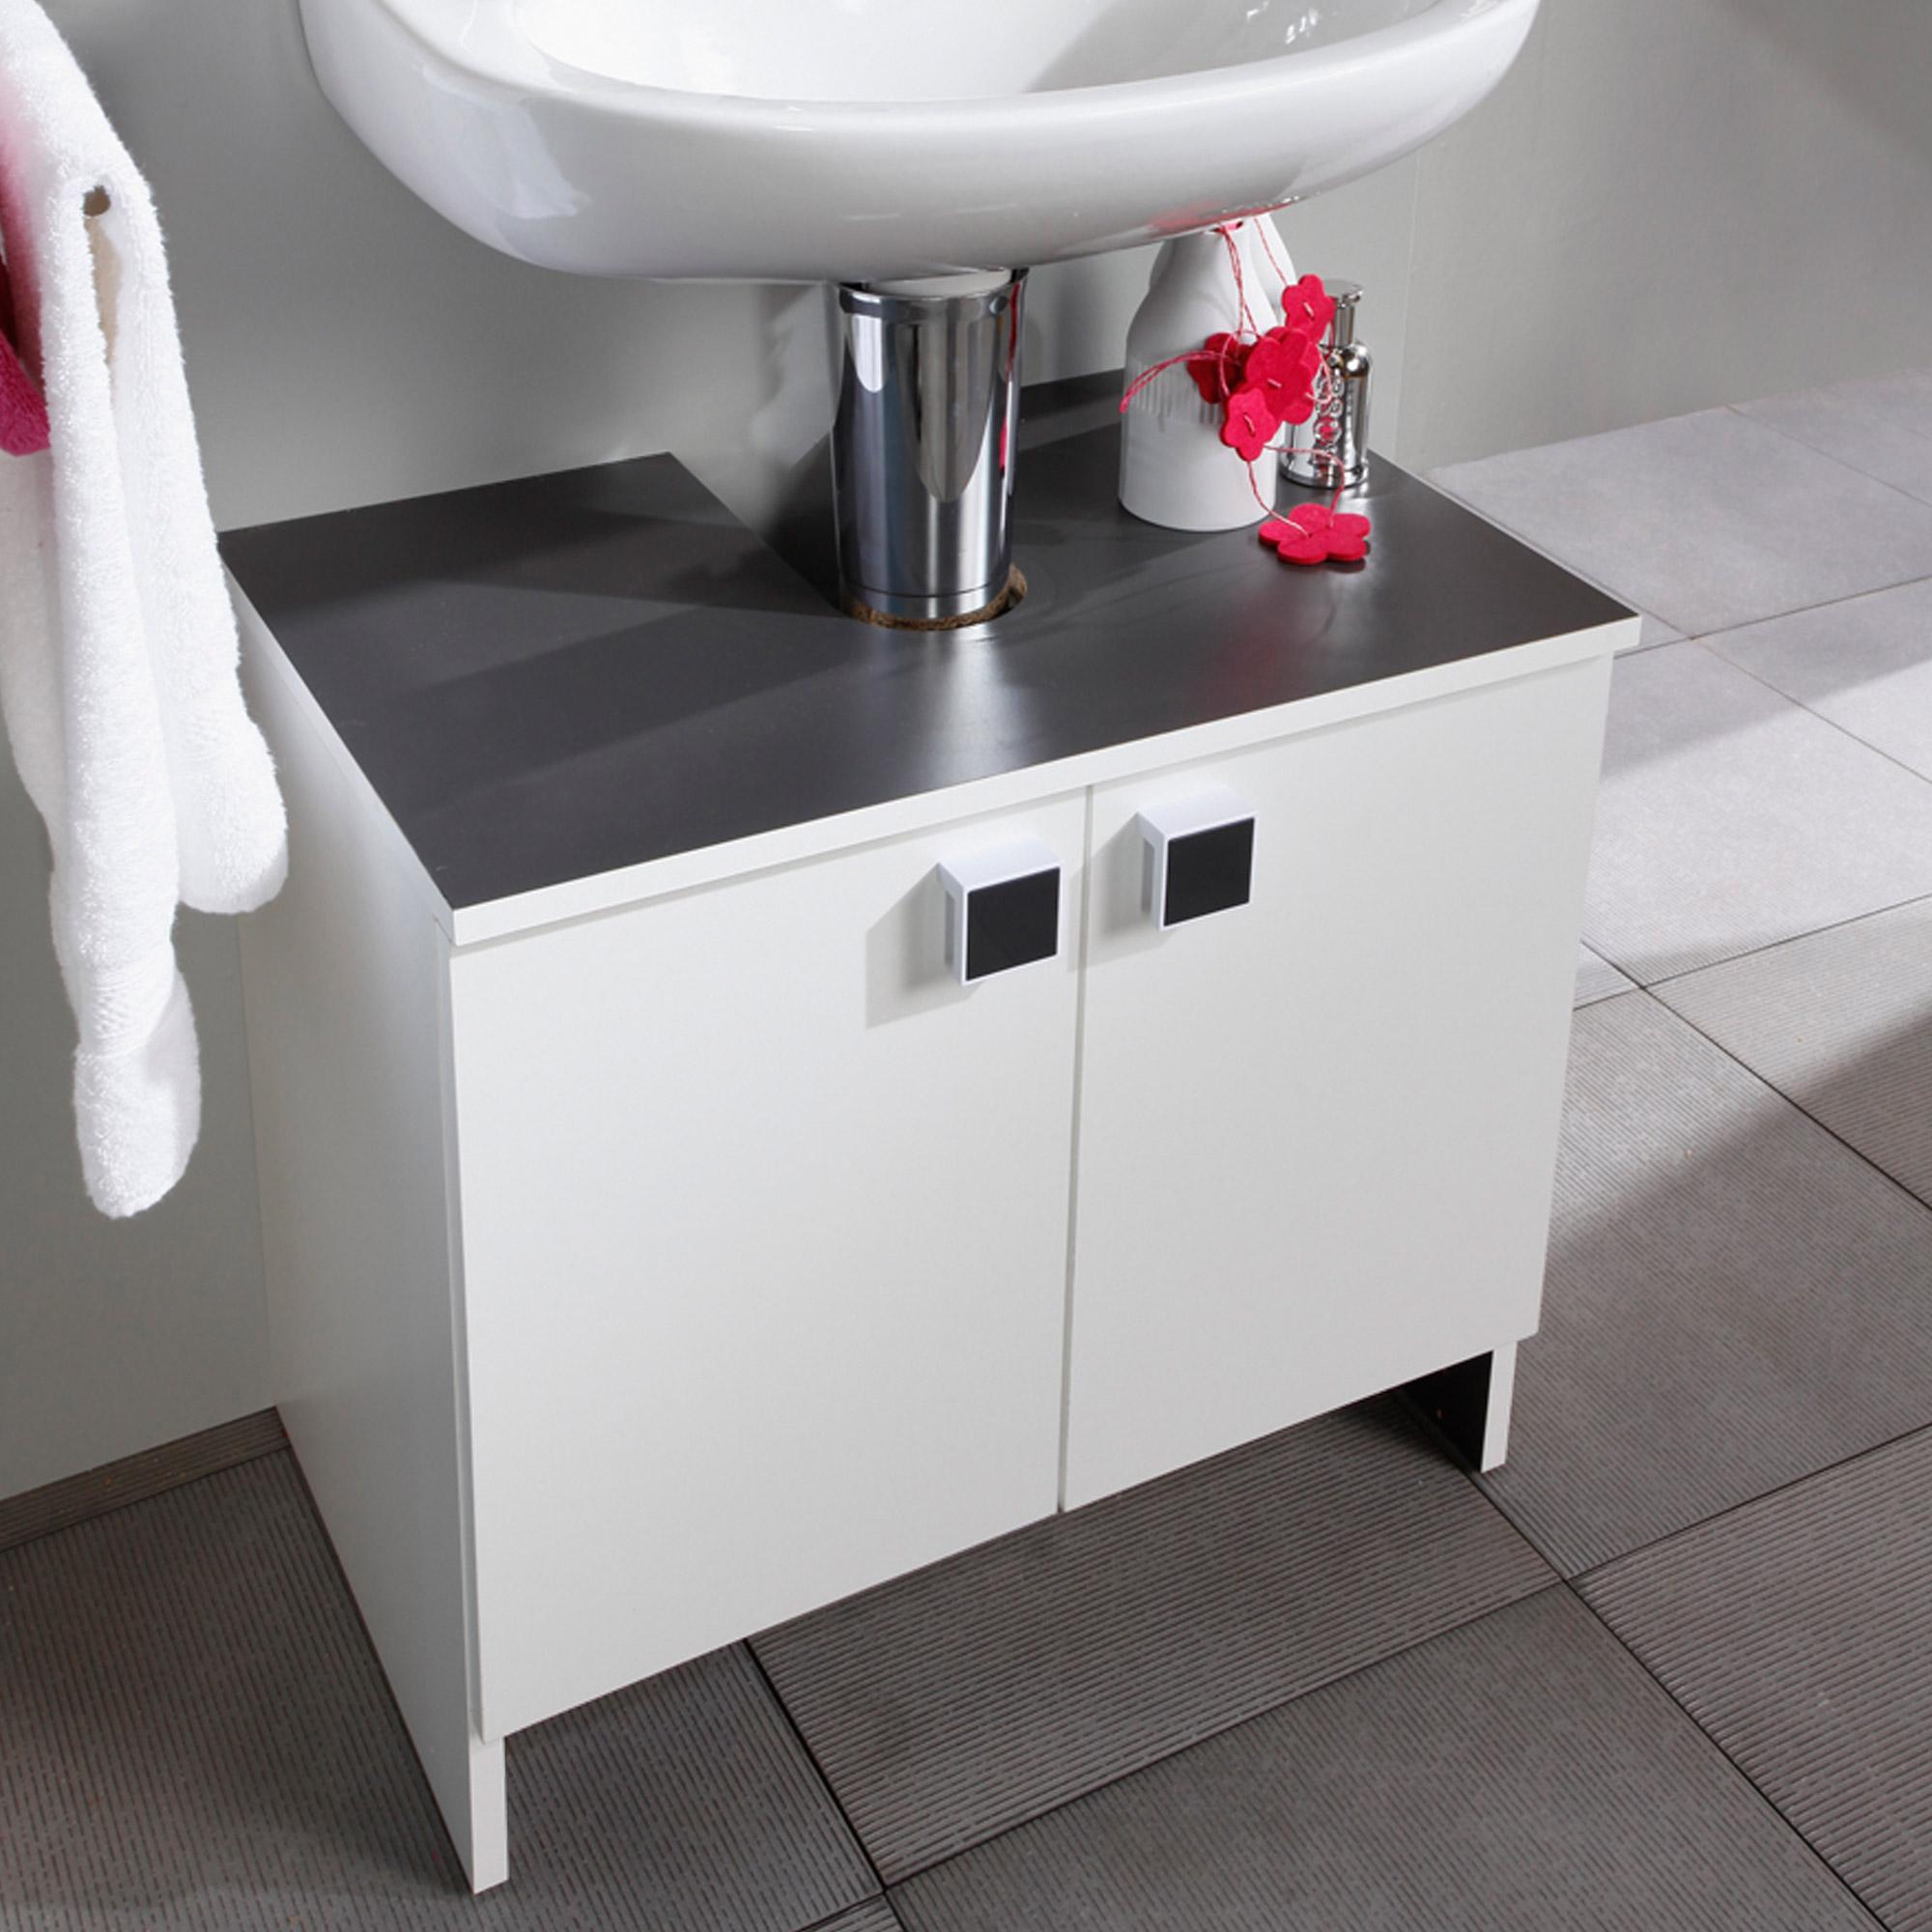 Meuble sous lavabo 2 portes largeur 59cm coloris blanc for Meuble sous lavabo une porte